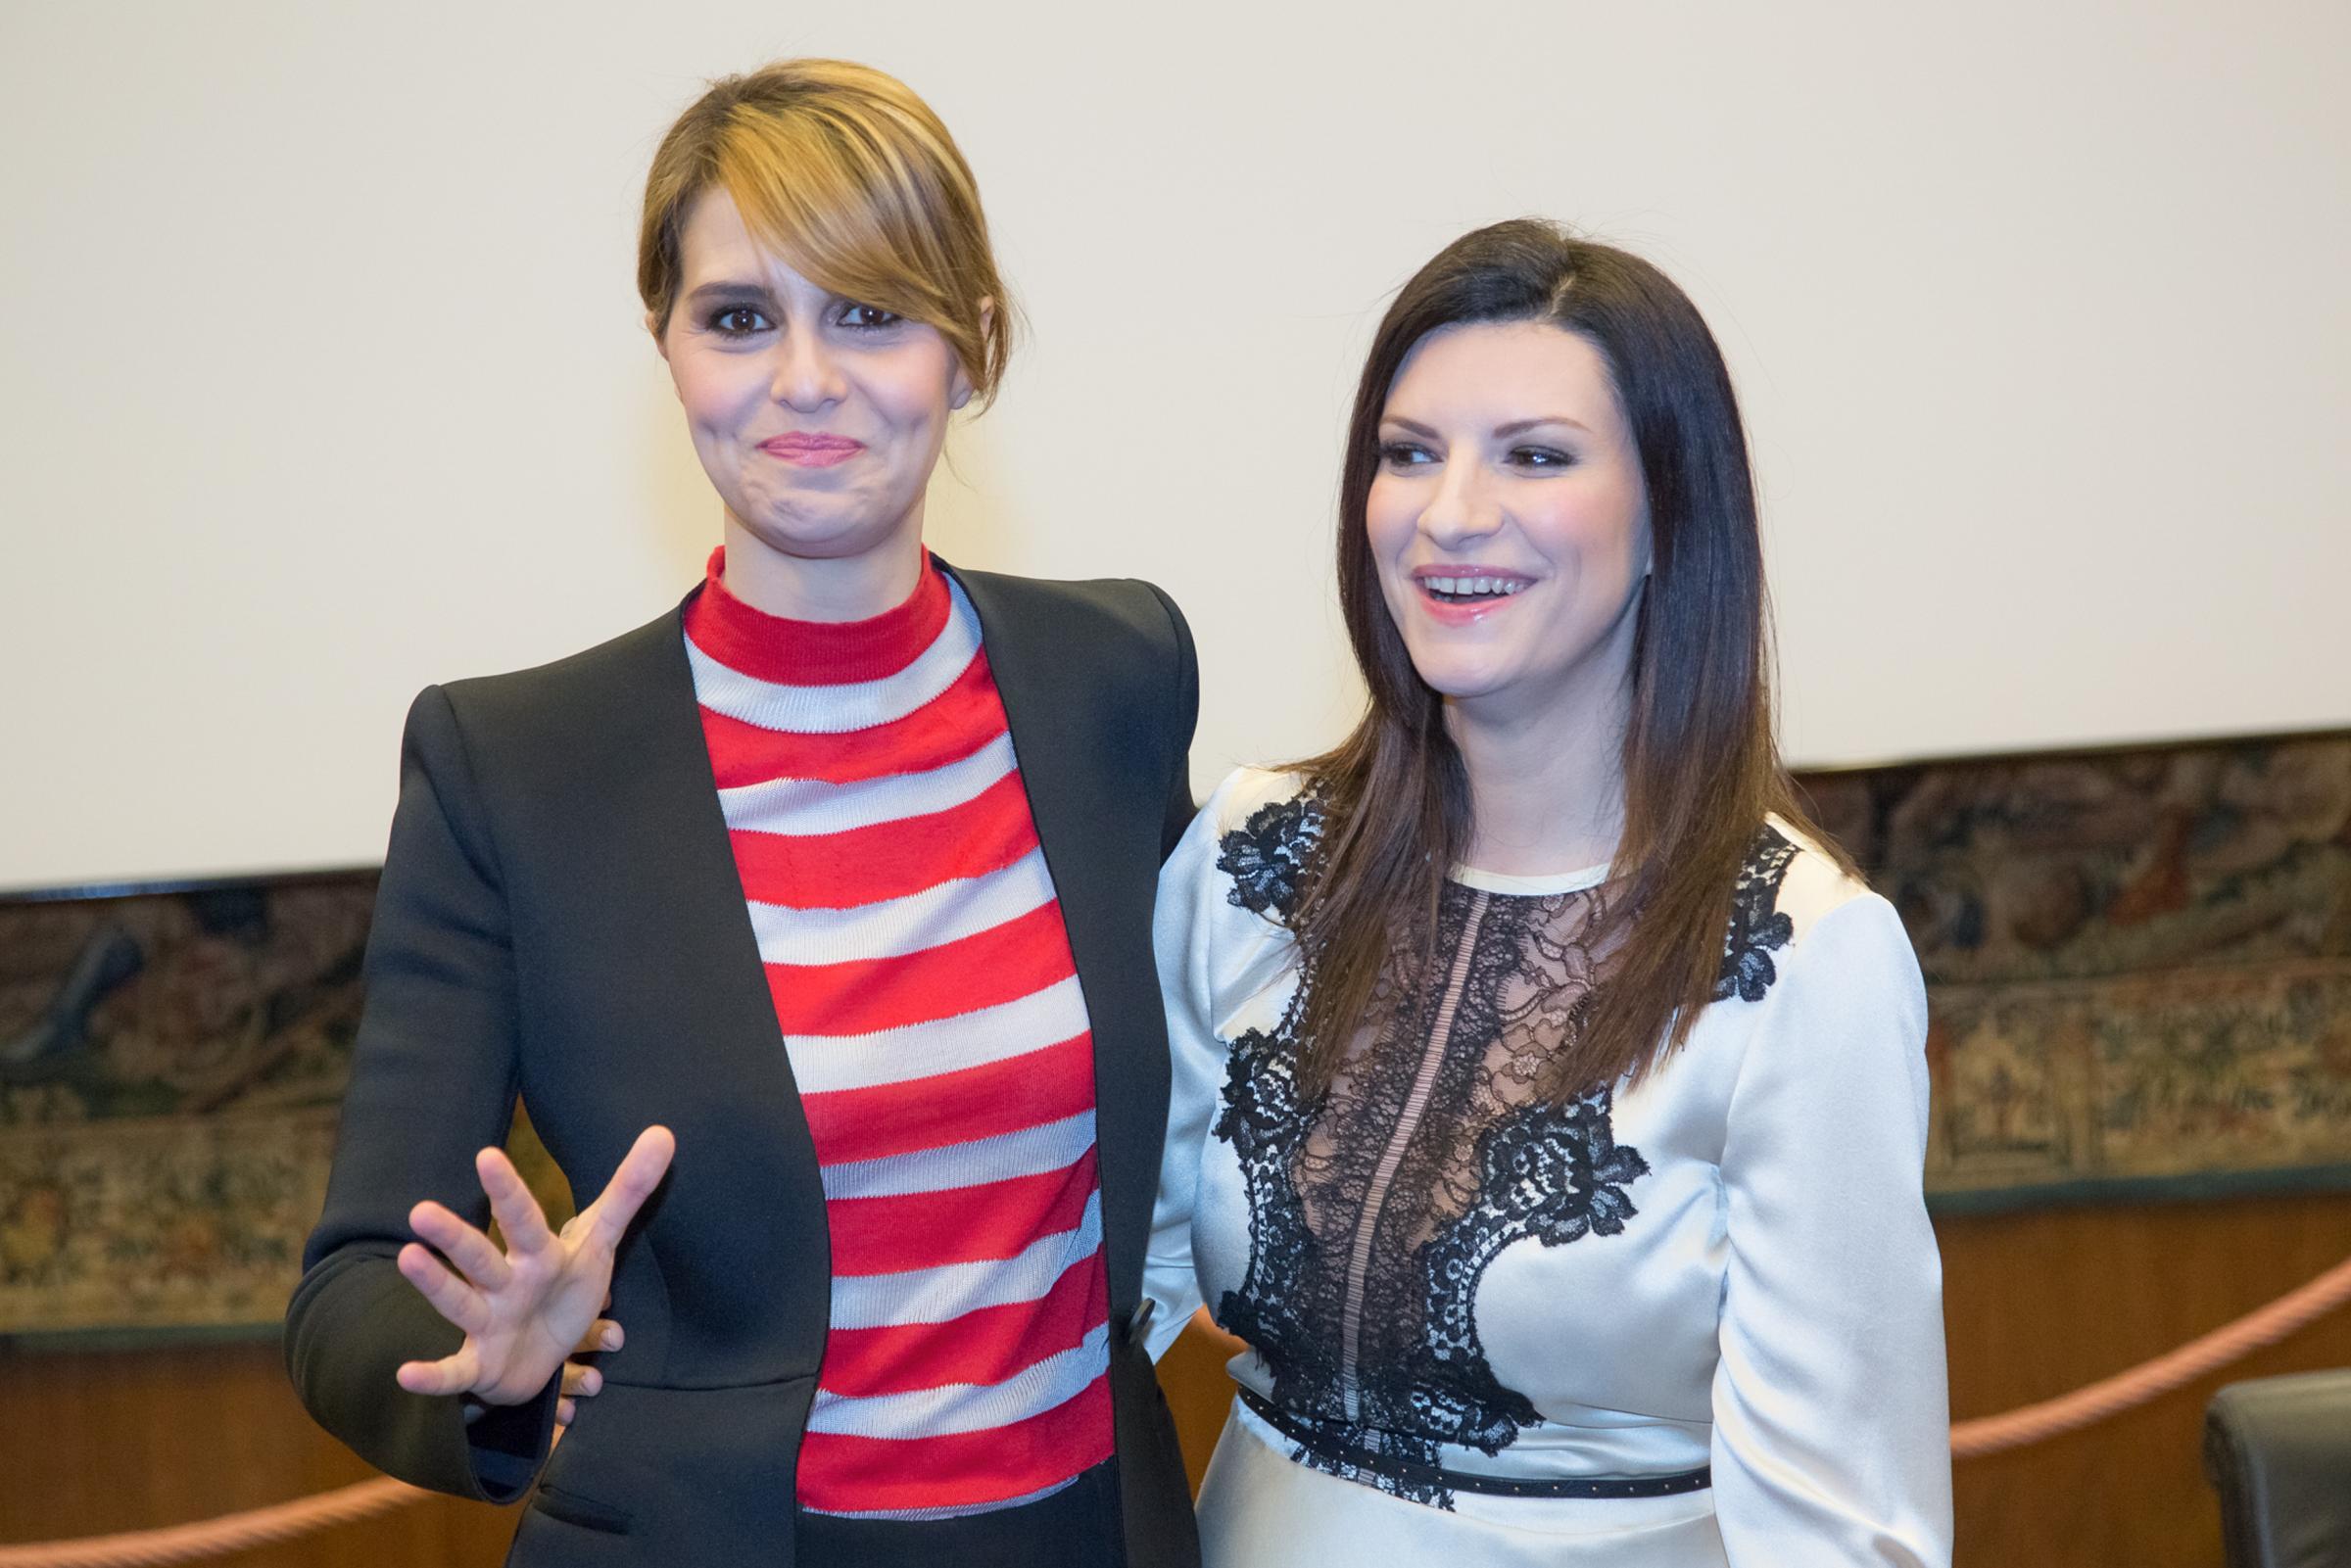 Laura e Paola riporta in tv il varietà condito da una buona dose di autoironia